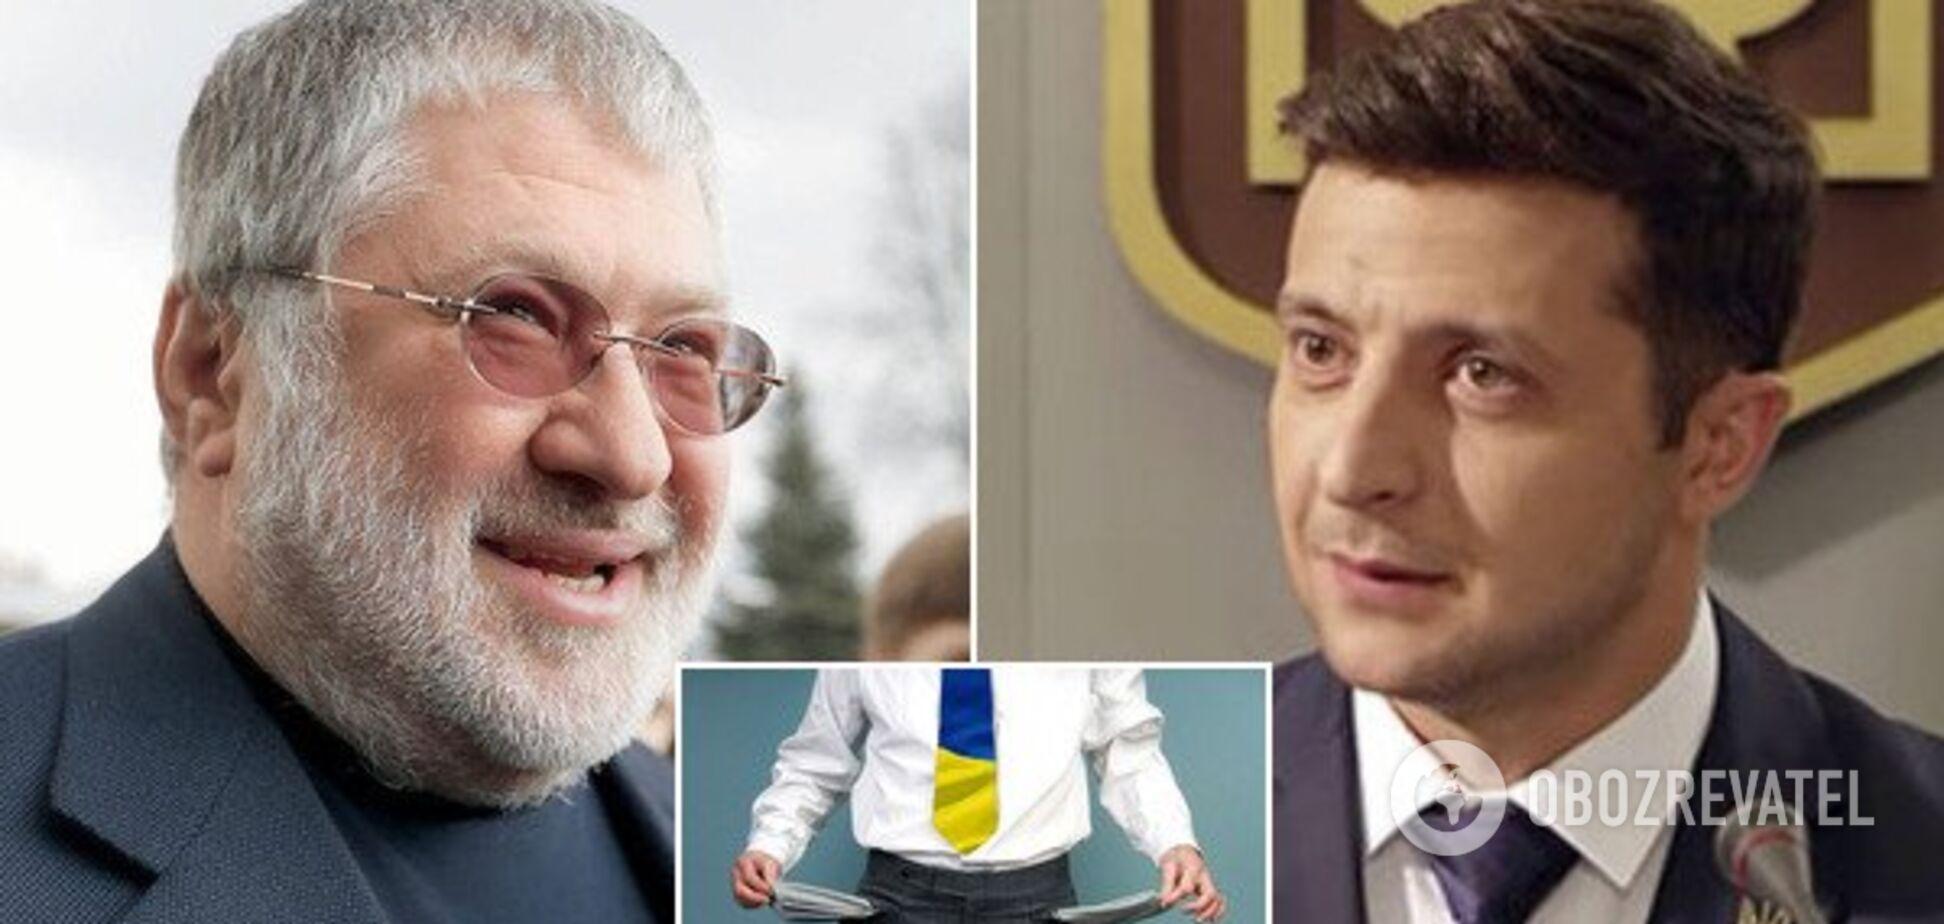 Оголосити дефолт в Україні: Зеленський відповів на скандальний заклик Коломойського